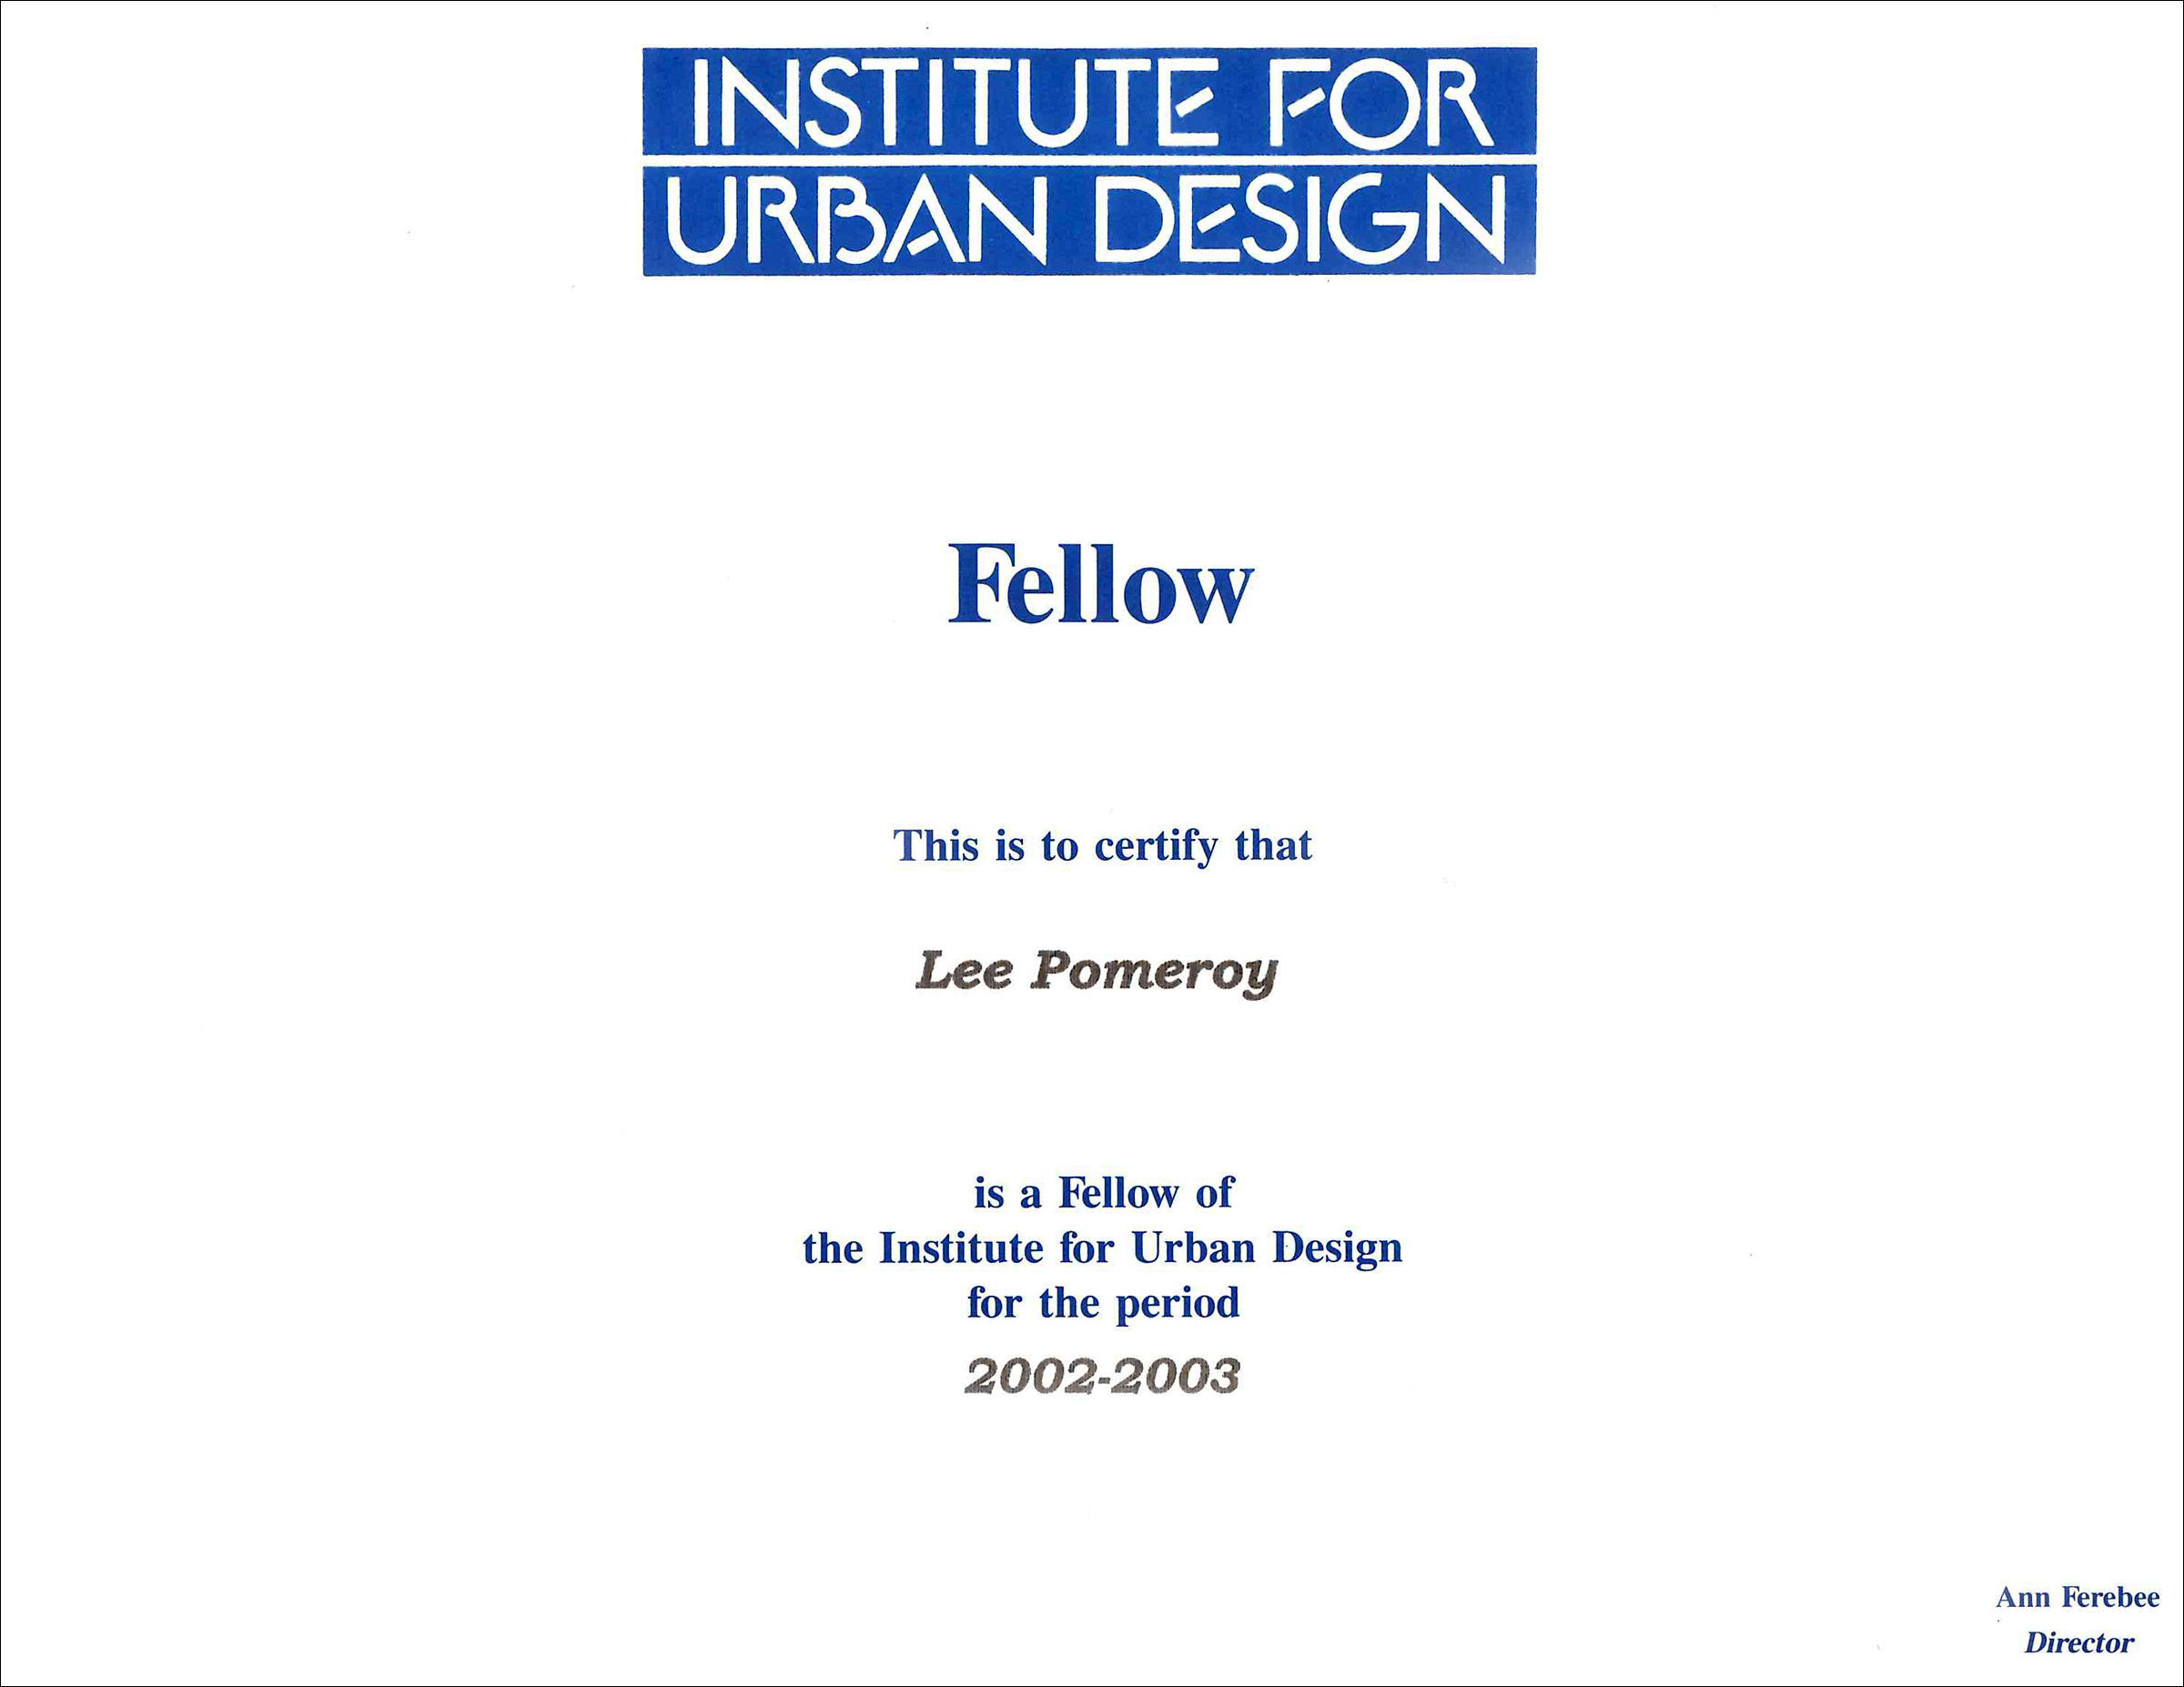 2002 Institute for Urban Design Fellow